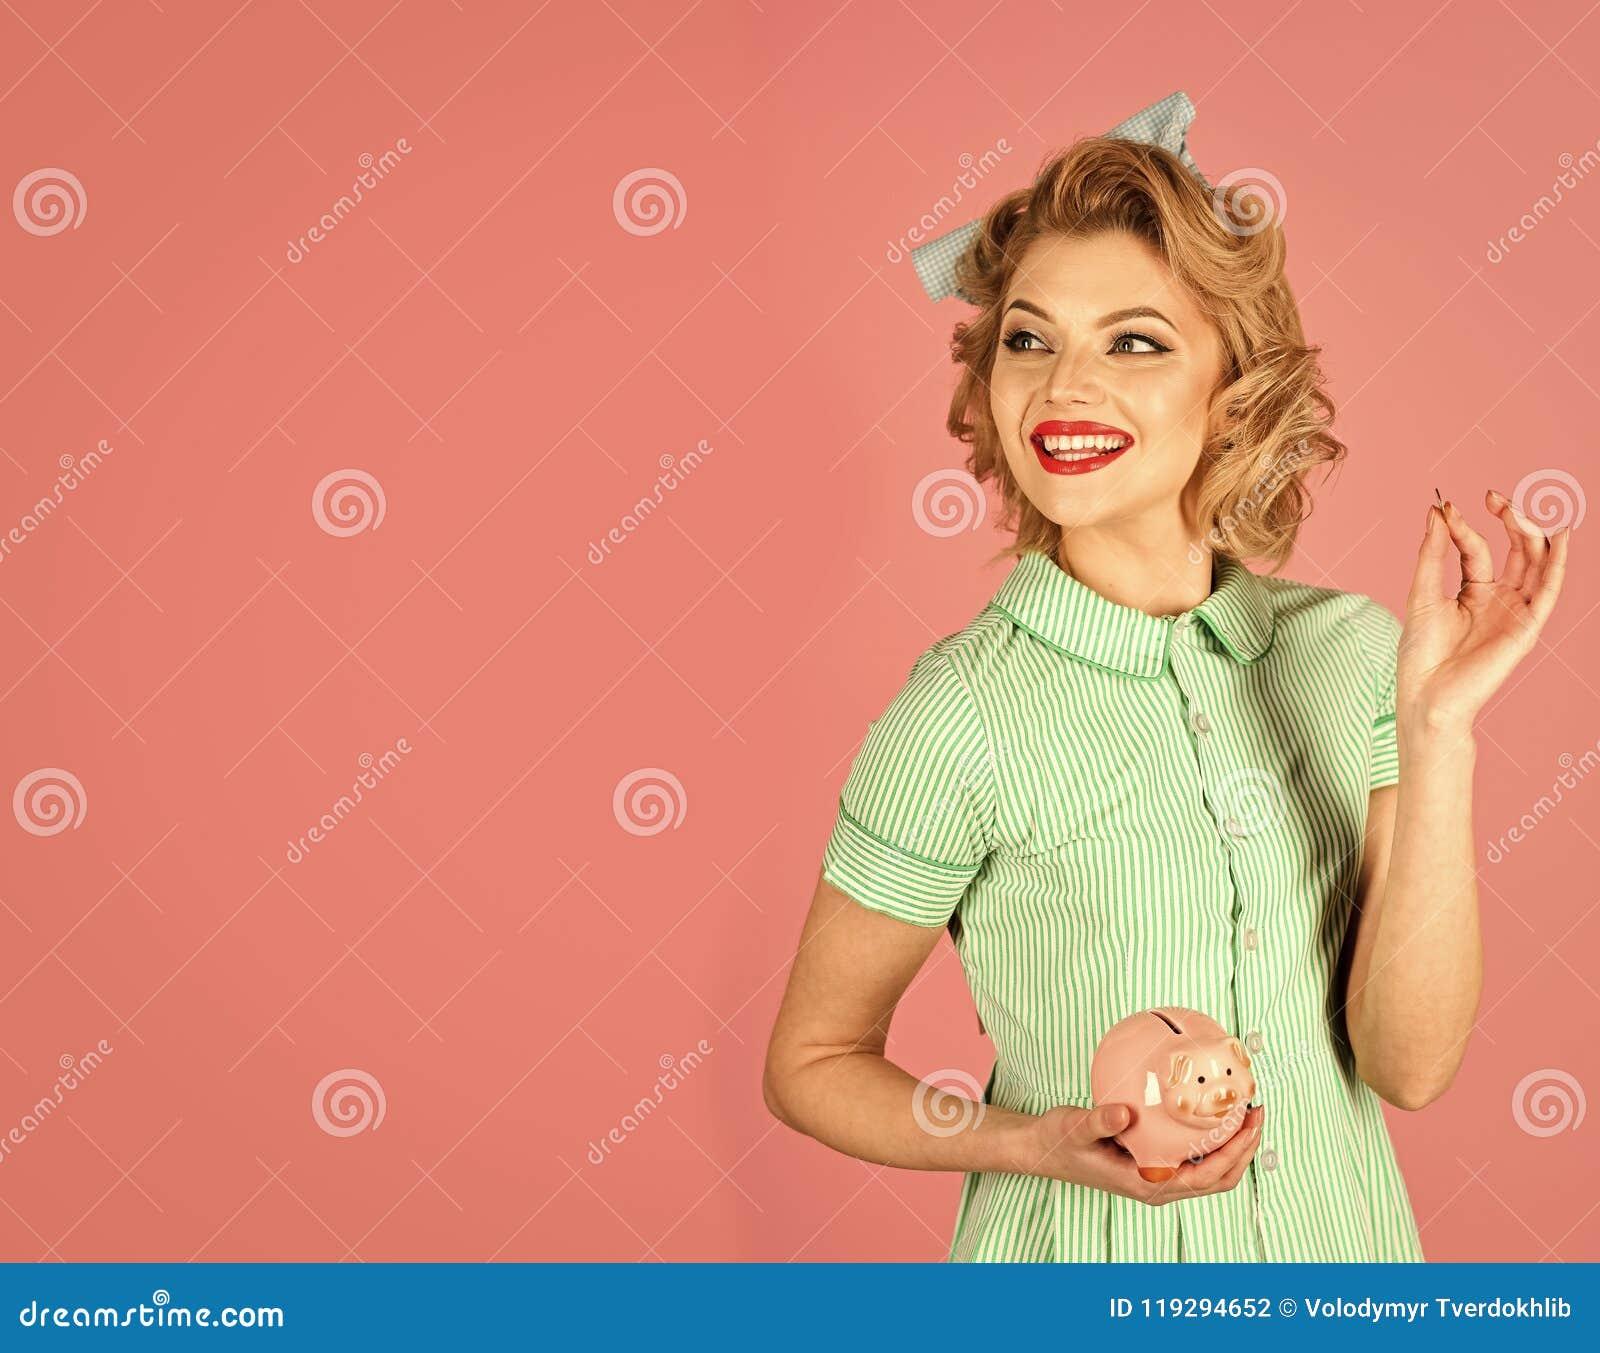 La bolsa representa análisis gráficamente Moneybox retro del control de la mujer, hucha para los ahorros